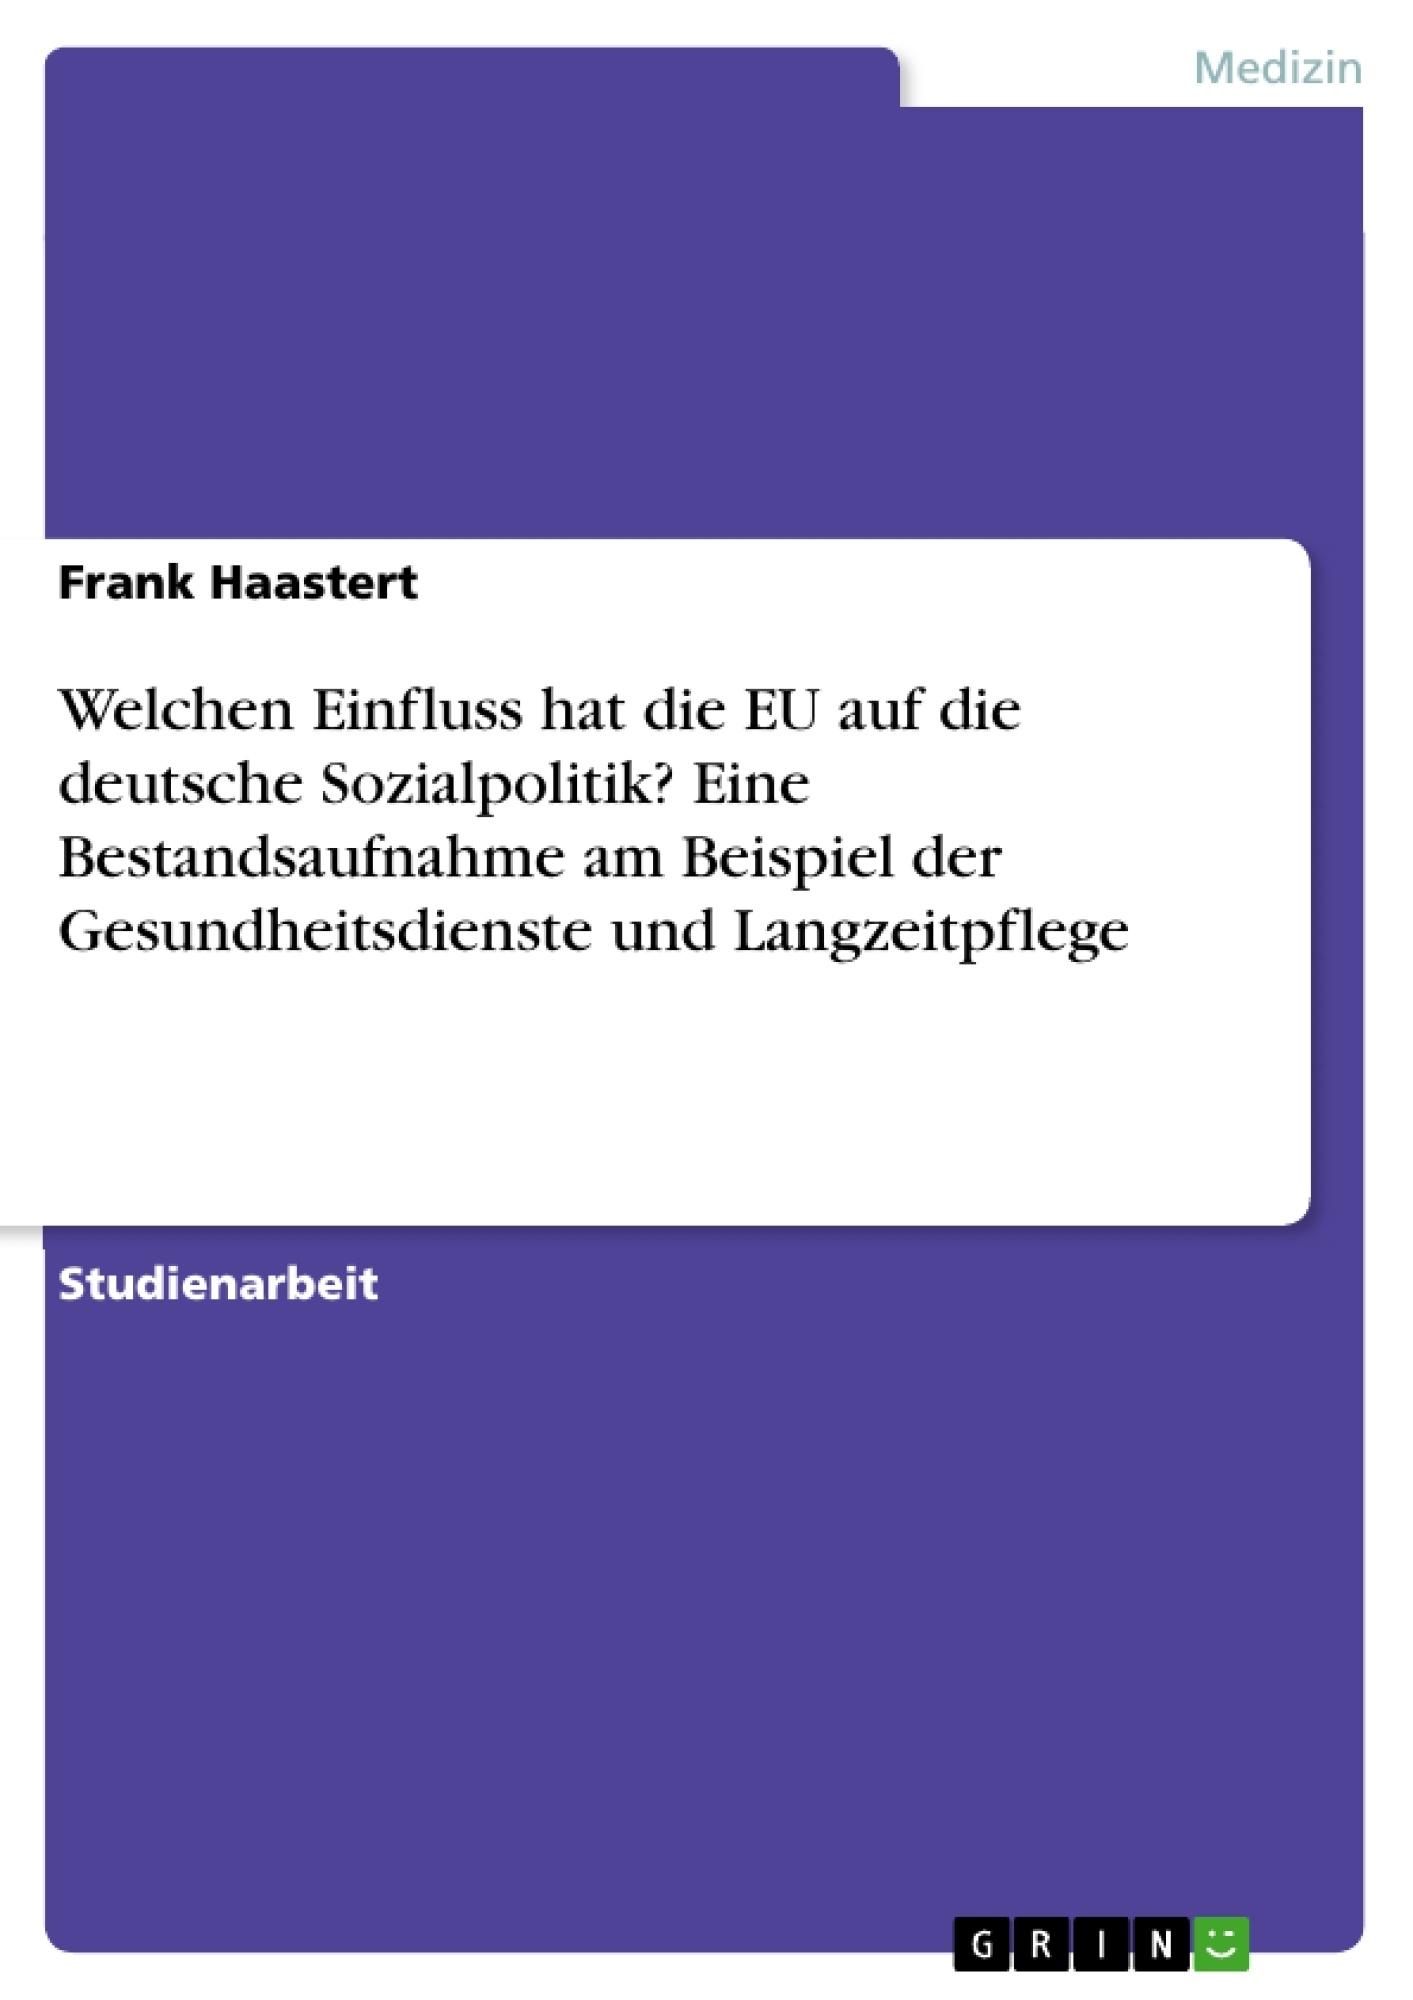 Titel: Welchen Einfluss hat die EU auf die deutsche Sozialpolitik? Eine Bestandsaufnahme am Beispiel der Gesundheitsdienste und Langzeitpflege